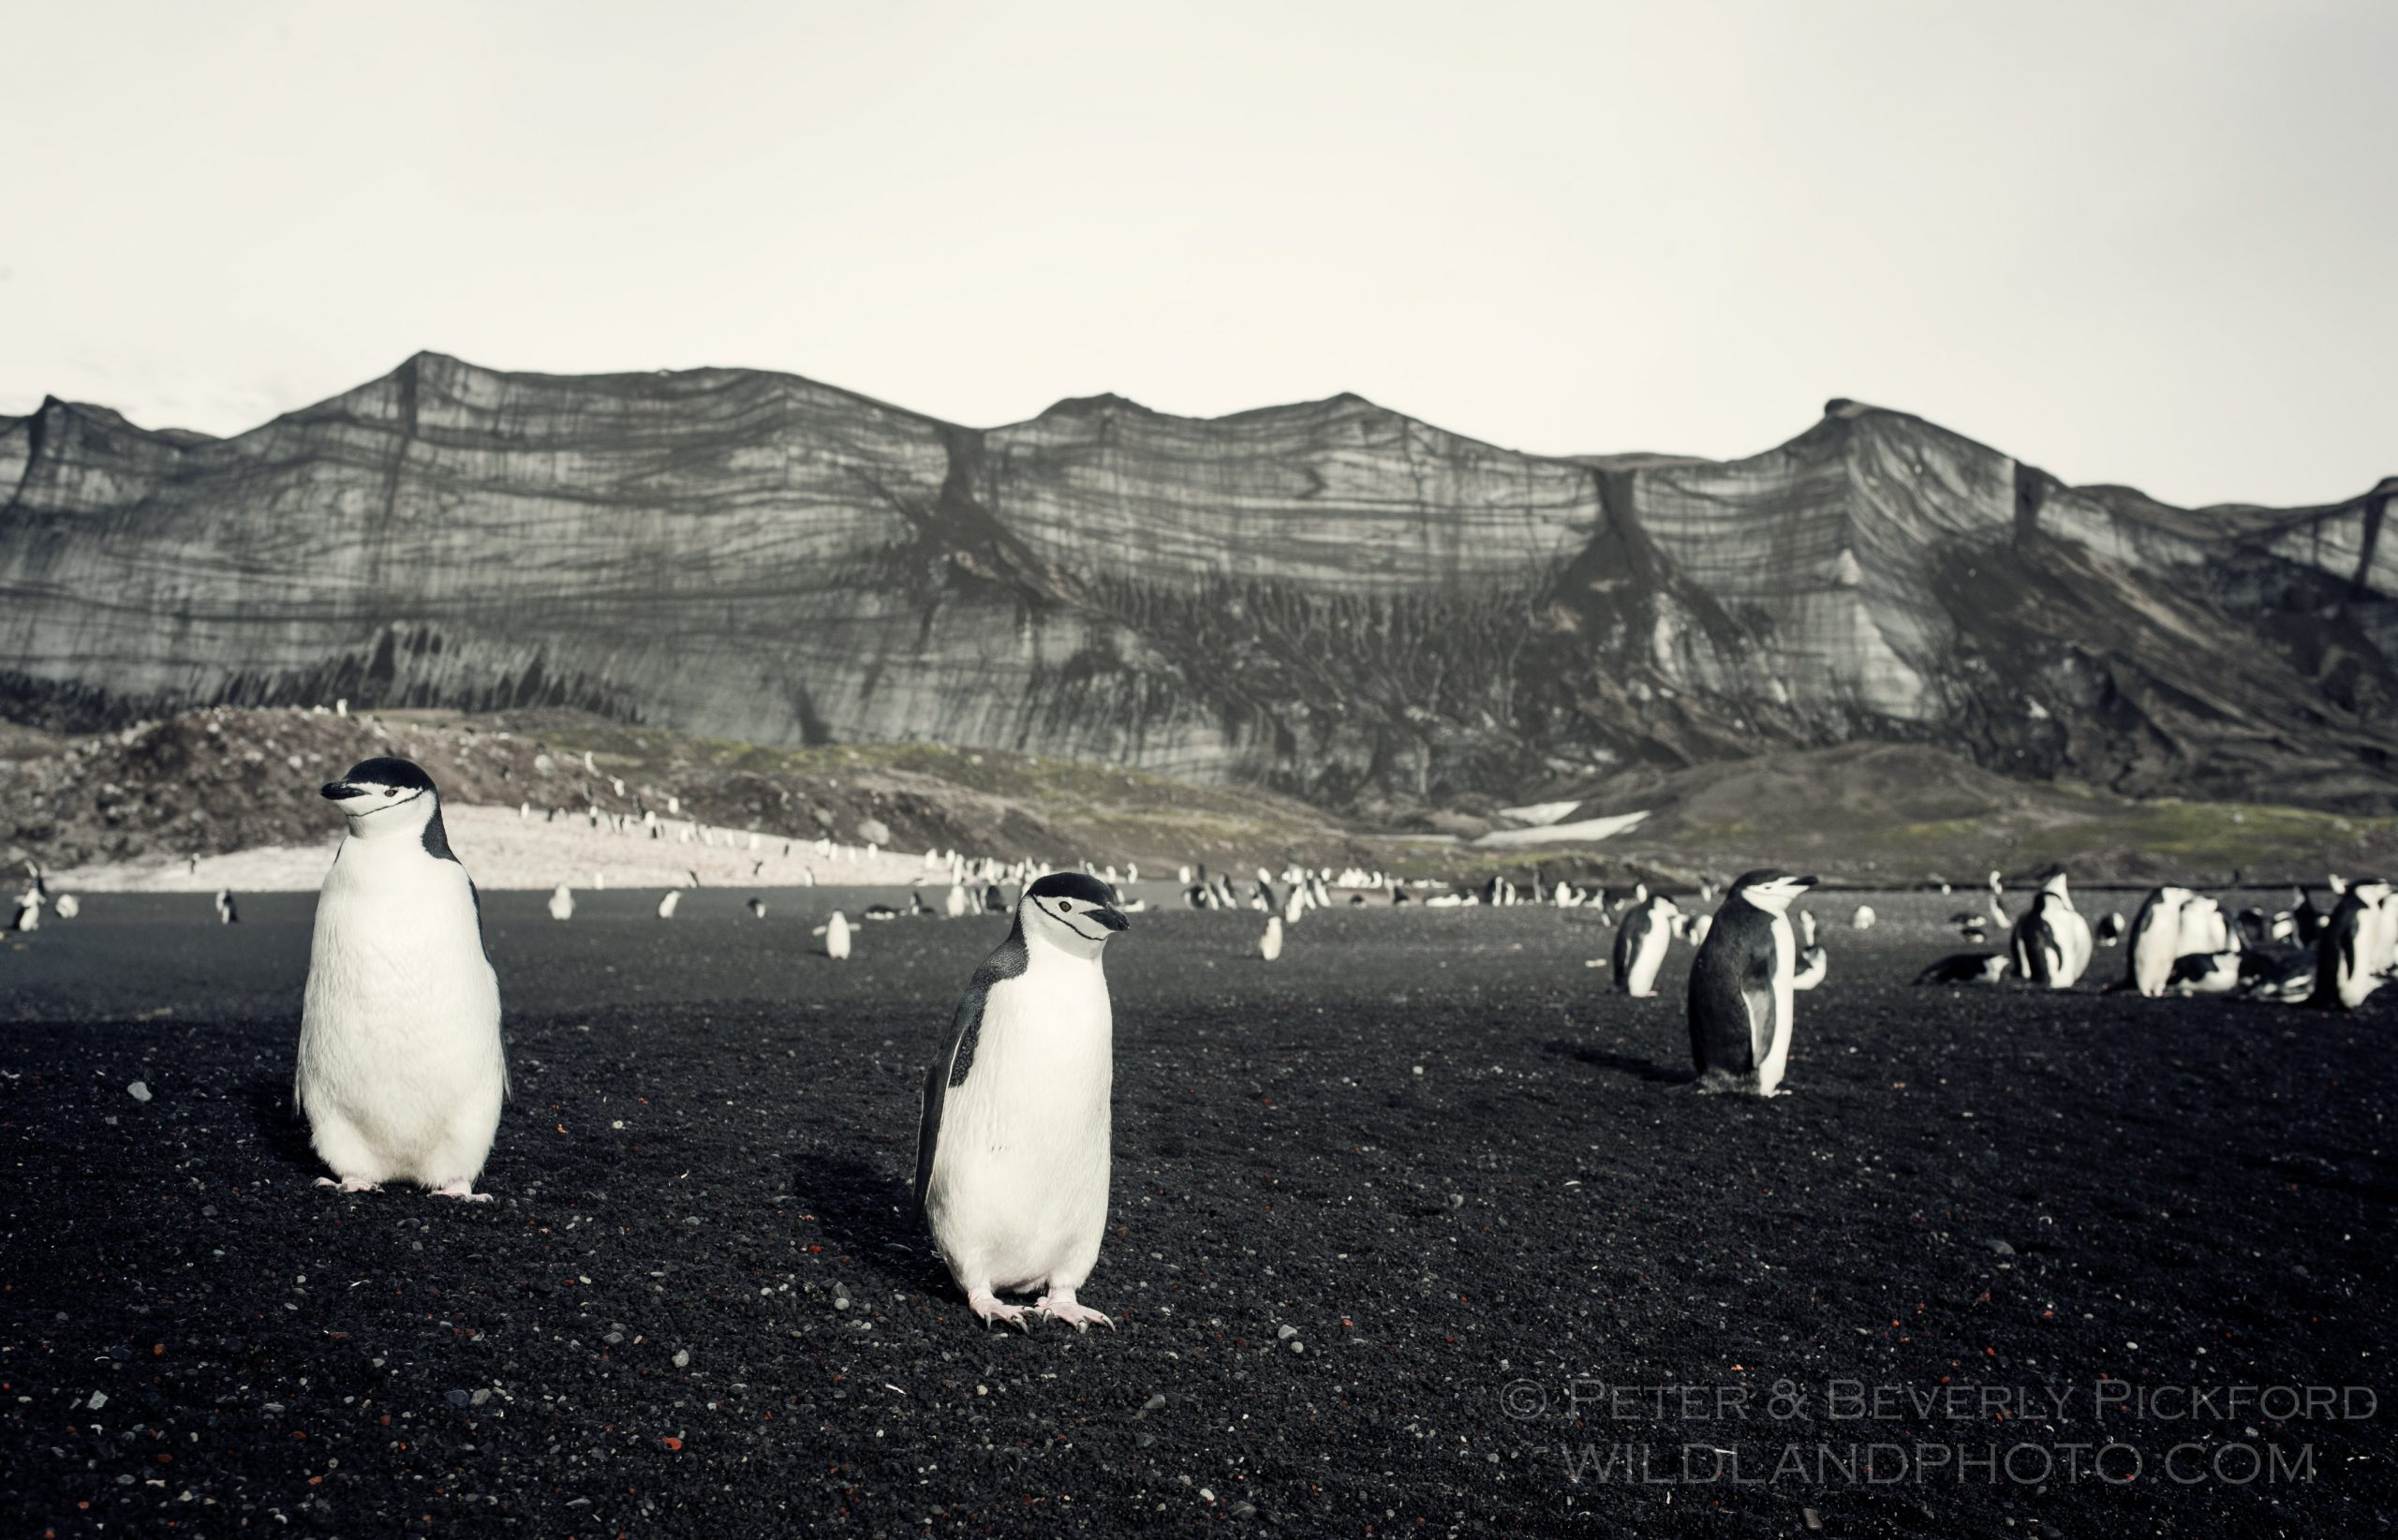 pickford–antarctica-0797